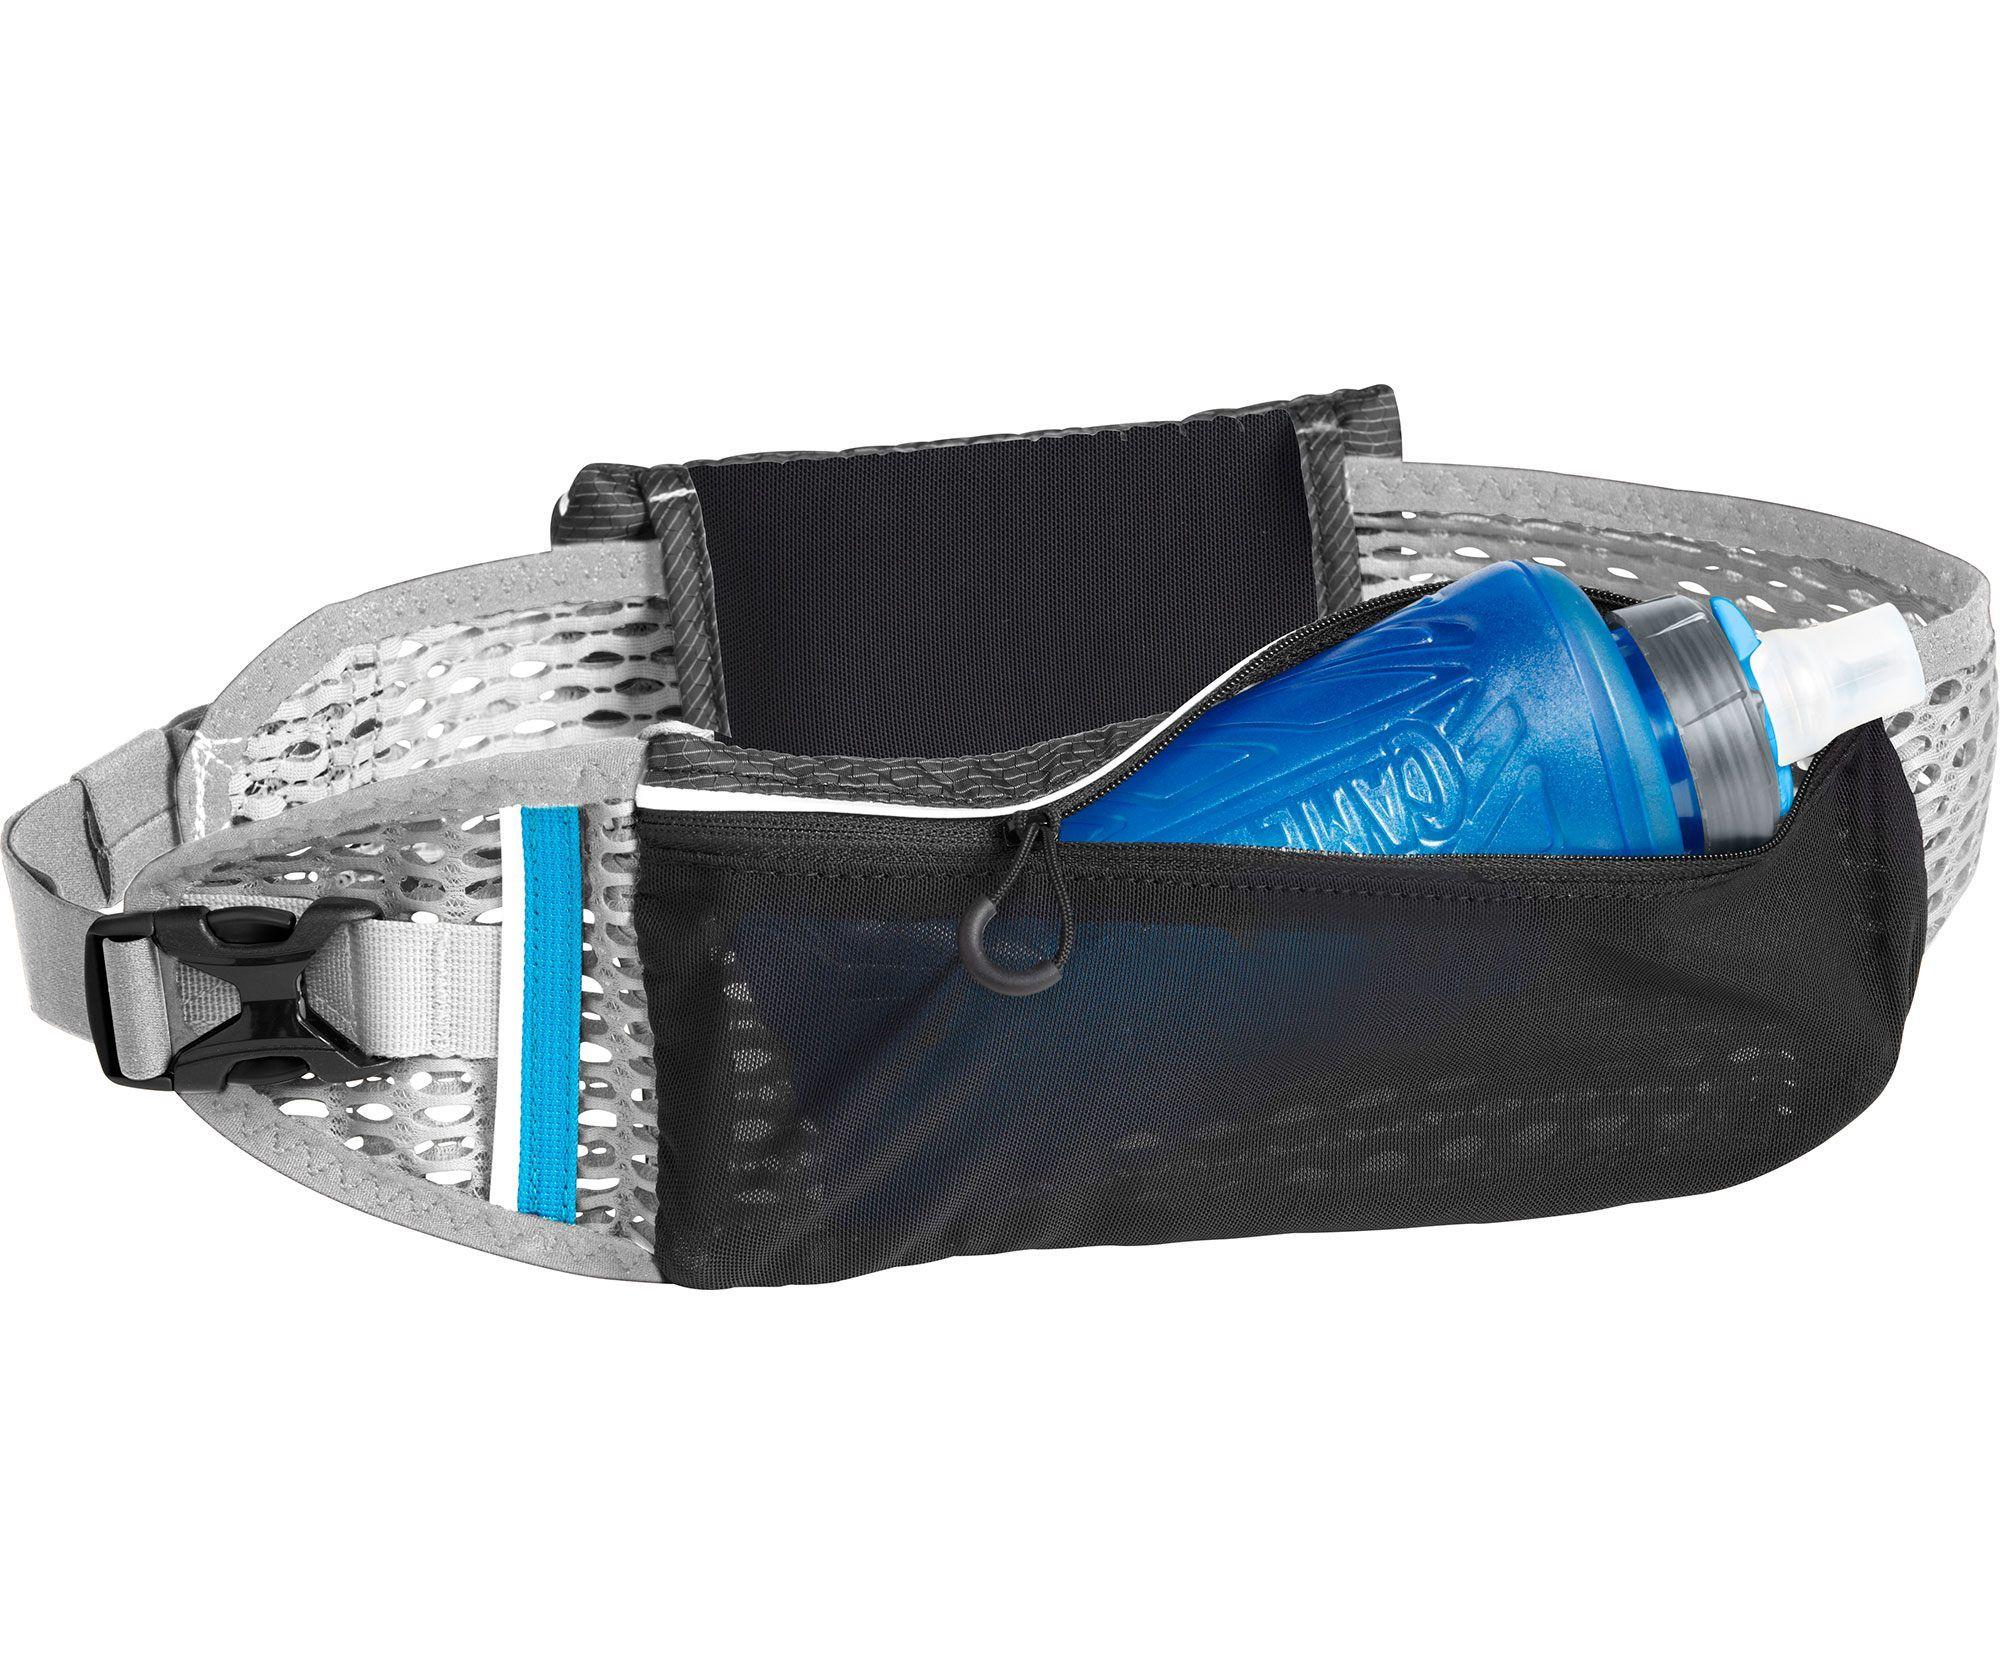 Ultra Hydration Belt Camelbak Hydration Belts Belt Hydration Waist Pack